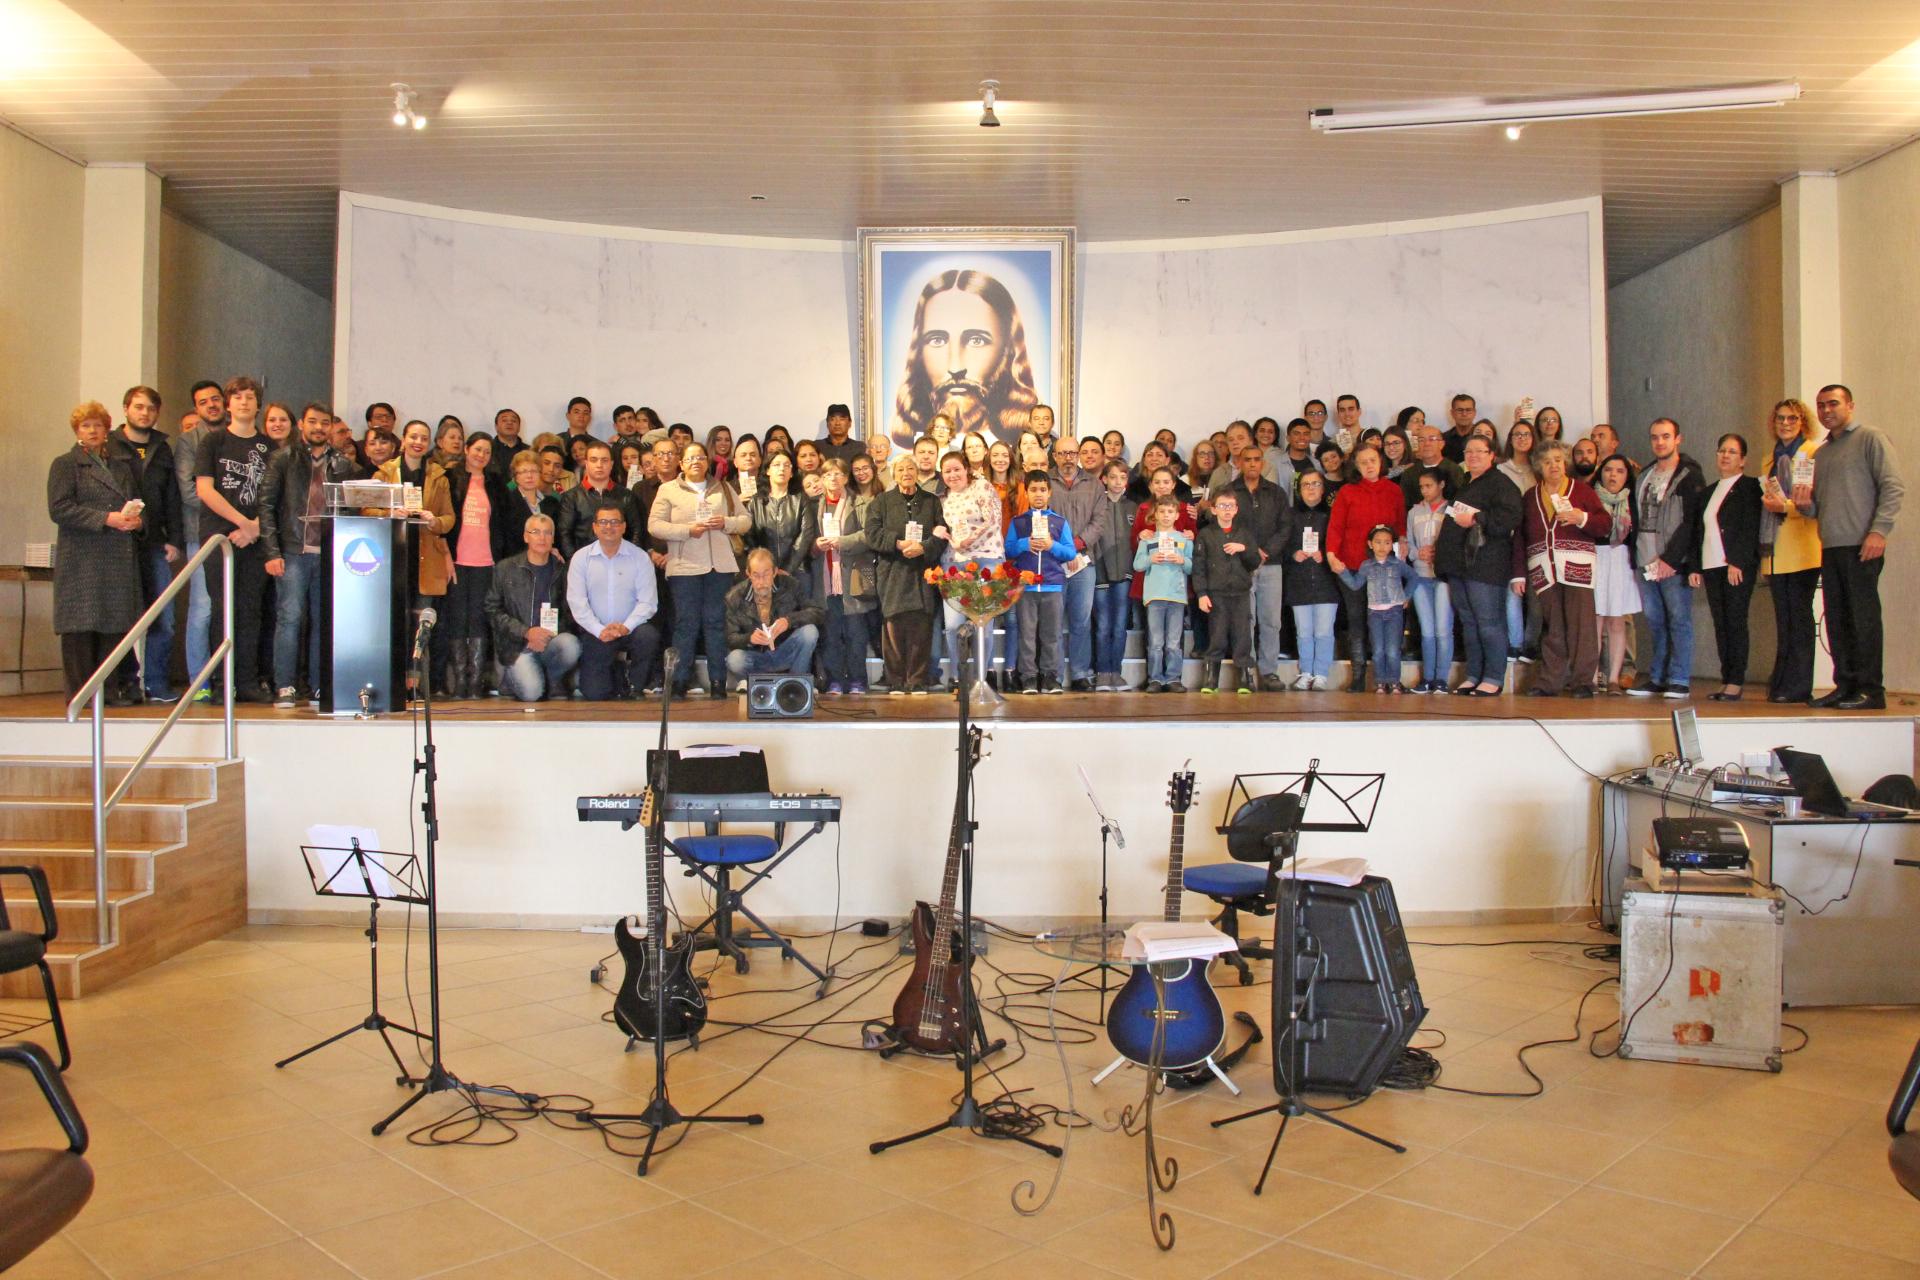 Curitiba, PR - Cristãos do Novo Mandamento de Jesus, Juventude Legionária e Soldadinhos de Deus se reúnem para uma manhã alegre, em família, nas Igrejas Ecumênicas da Religião do Terceiro Milênio.